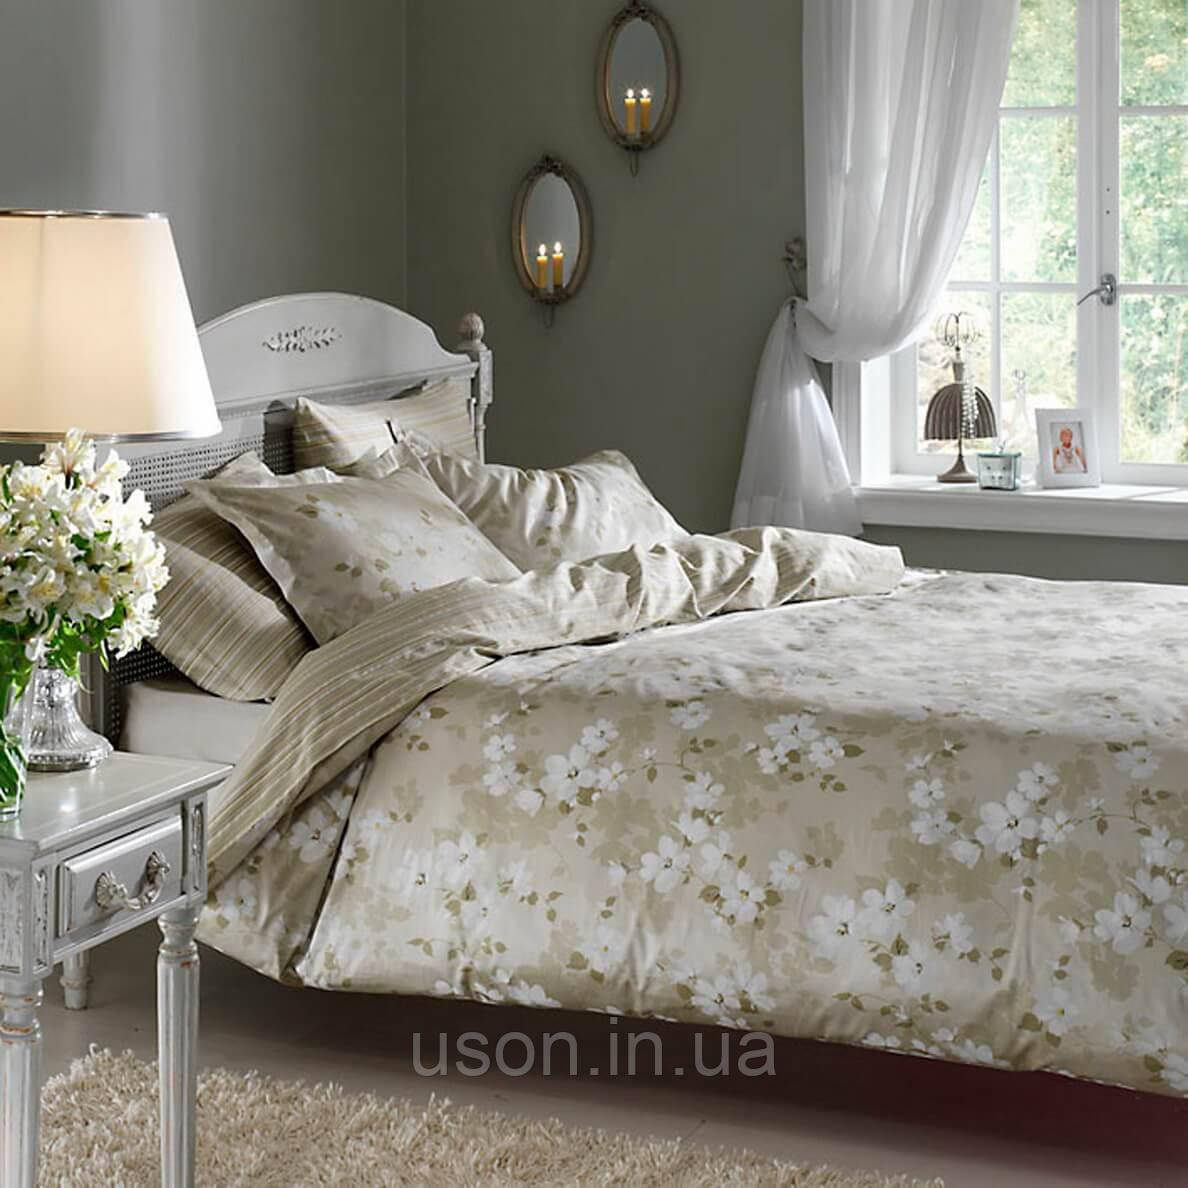 Комплект постельного белья TAC сатин delux  семейный размер Shadow olive